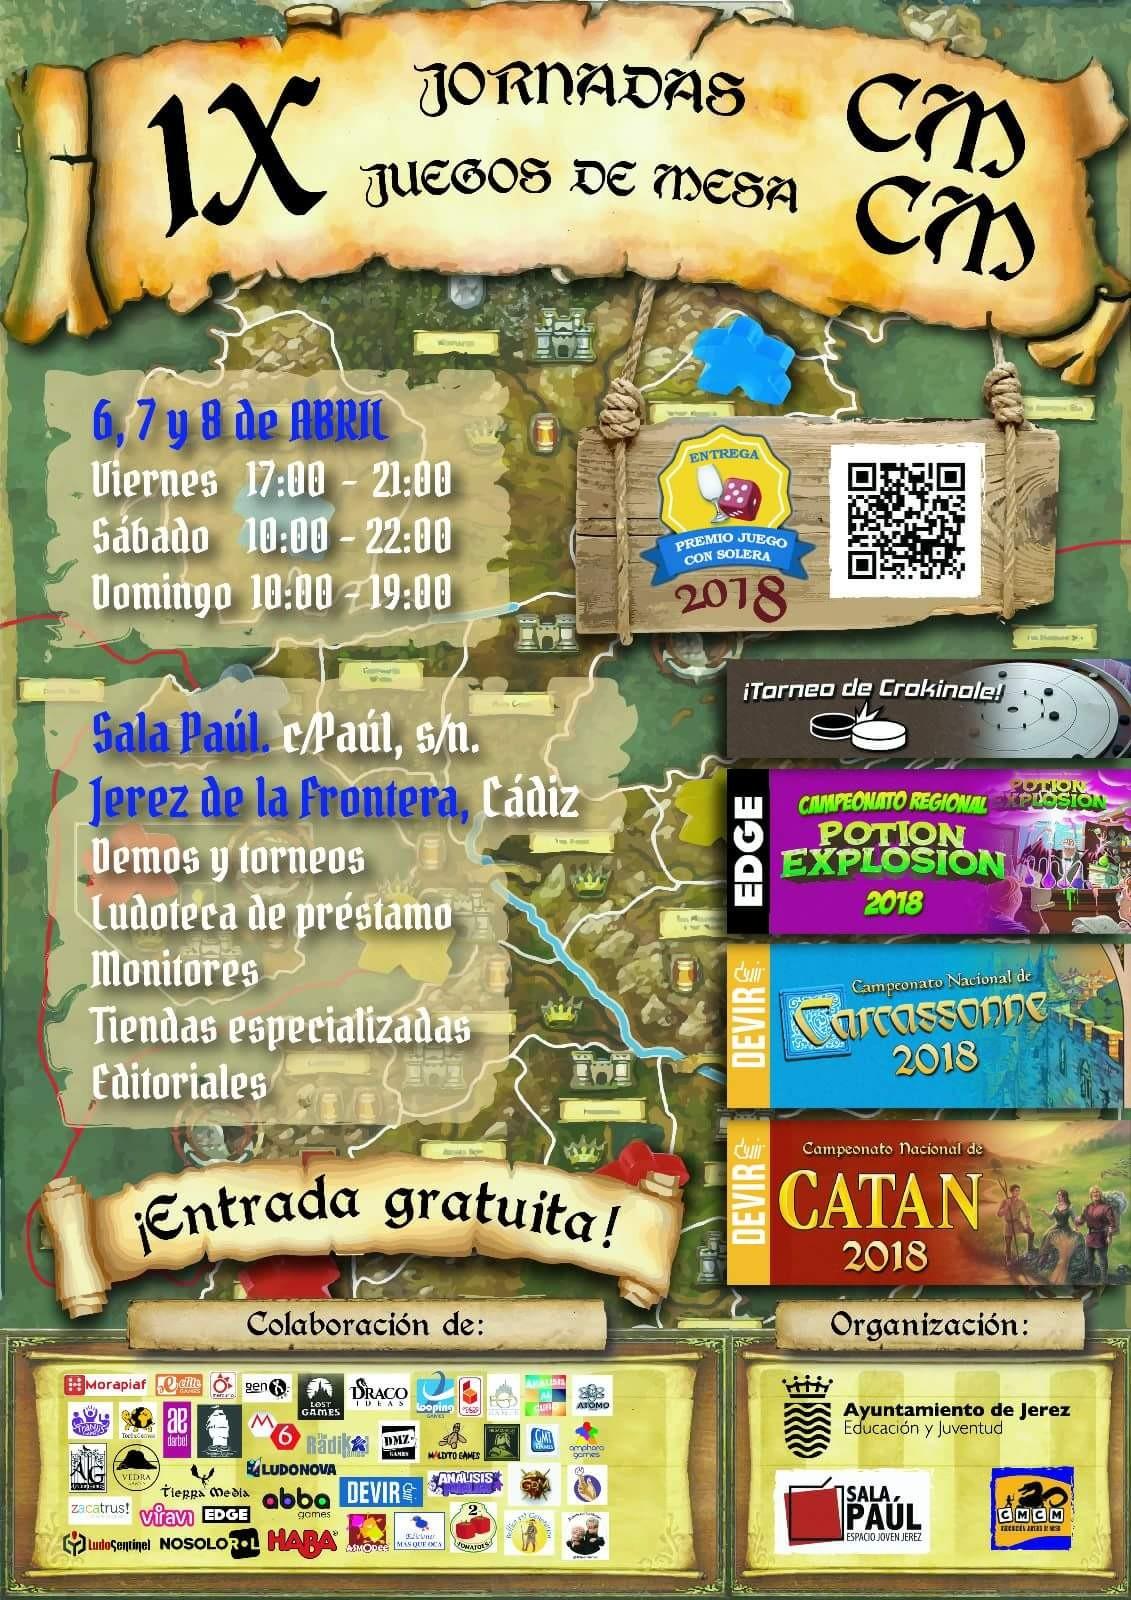 IX Jornadas de juegos de mesa CMCM - Jerez